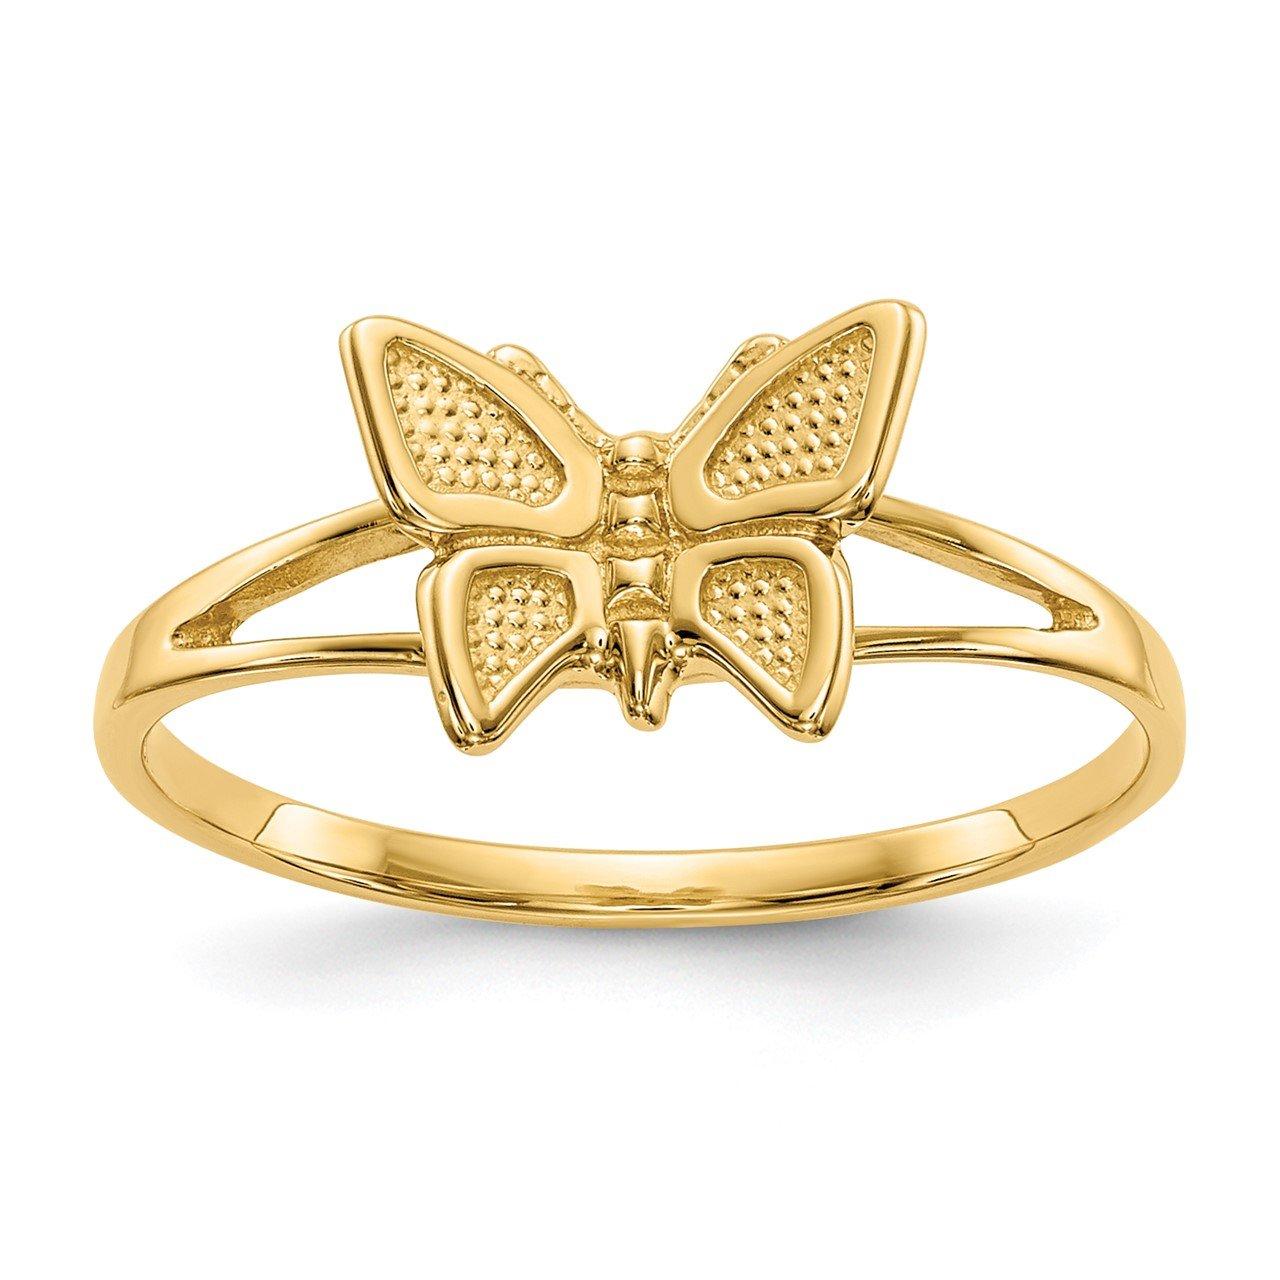 14k Children's Butterfly Ring